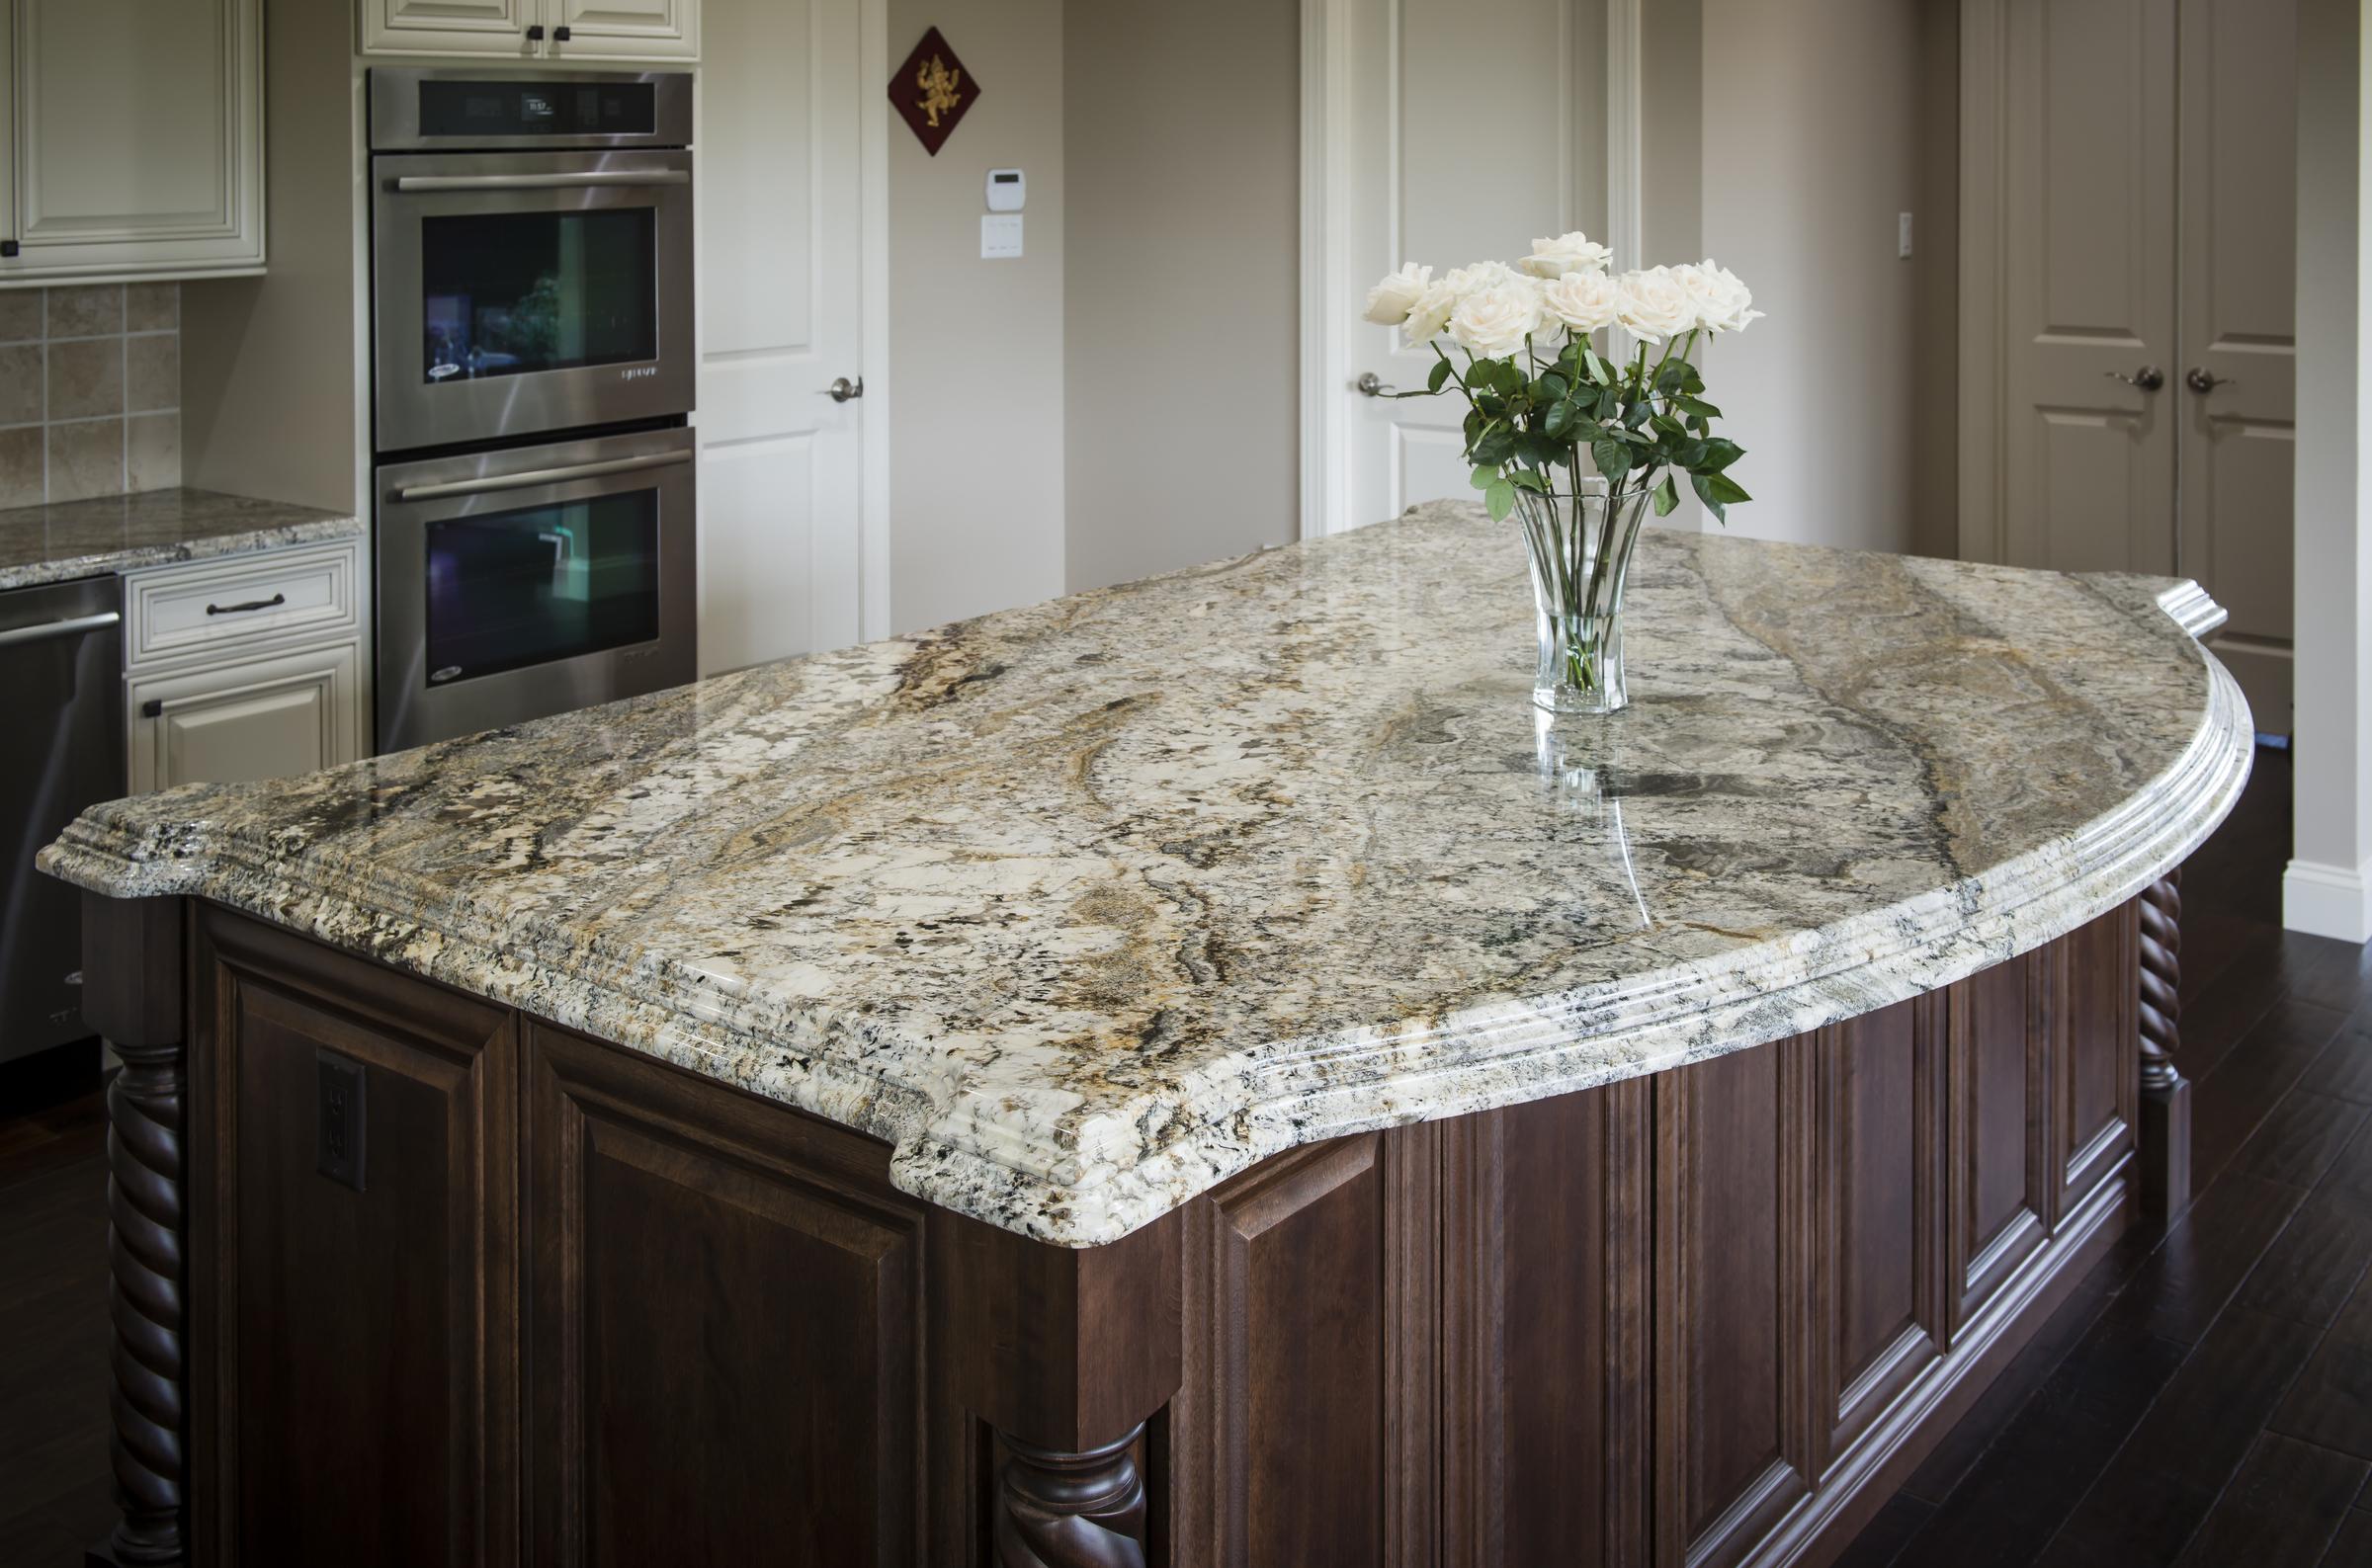 Granite Countertop With White